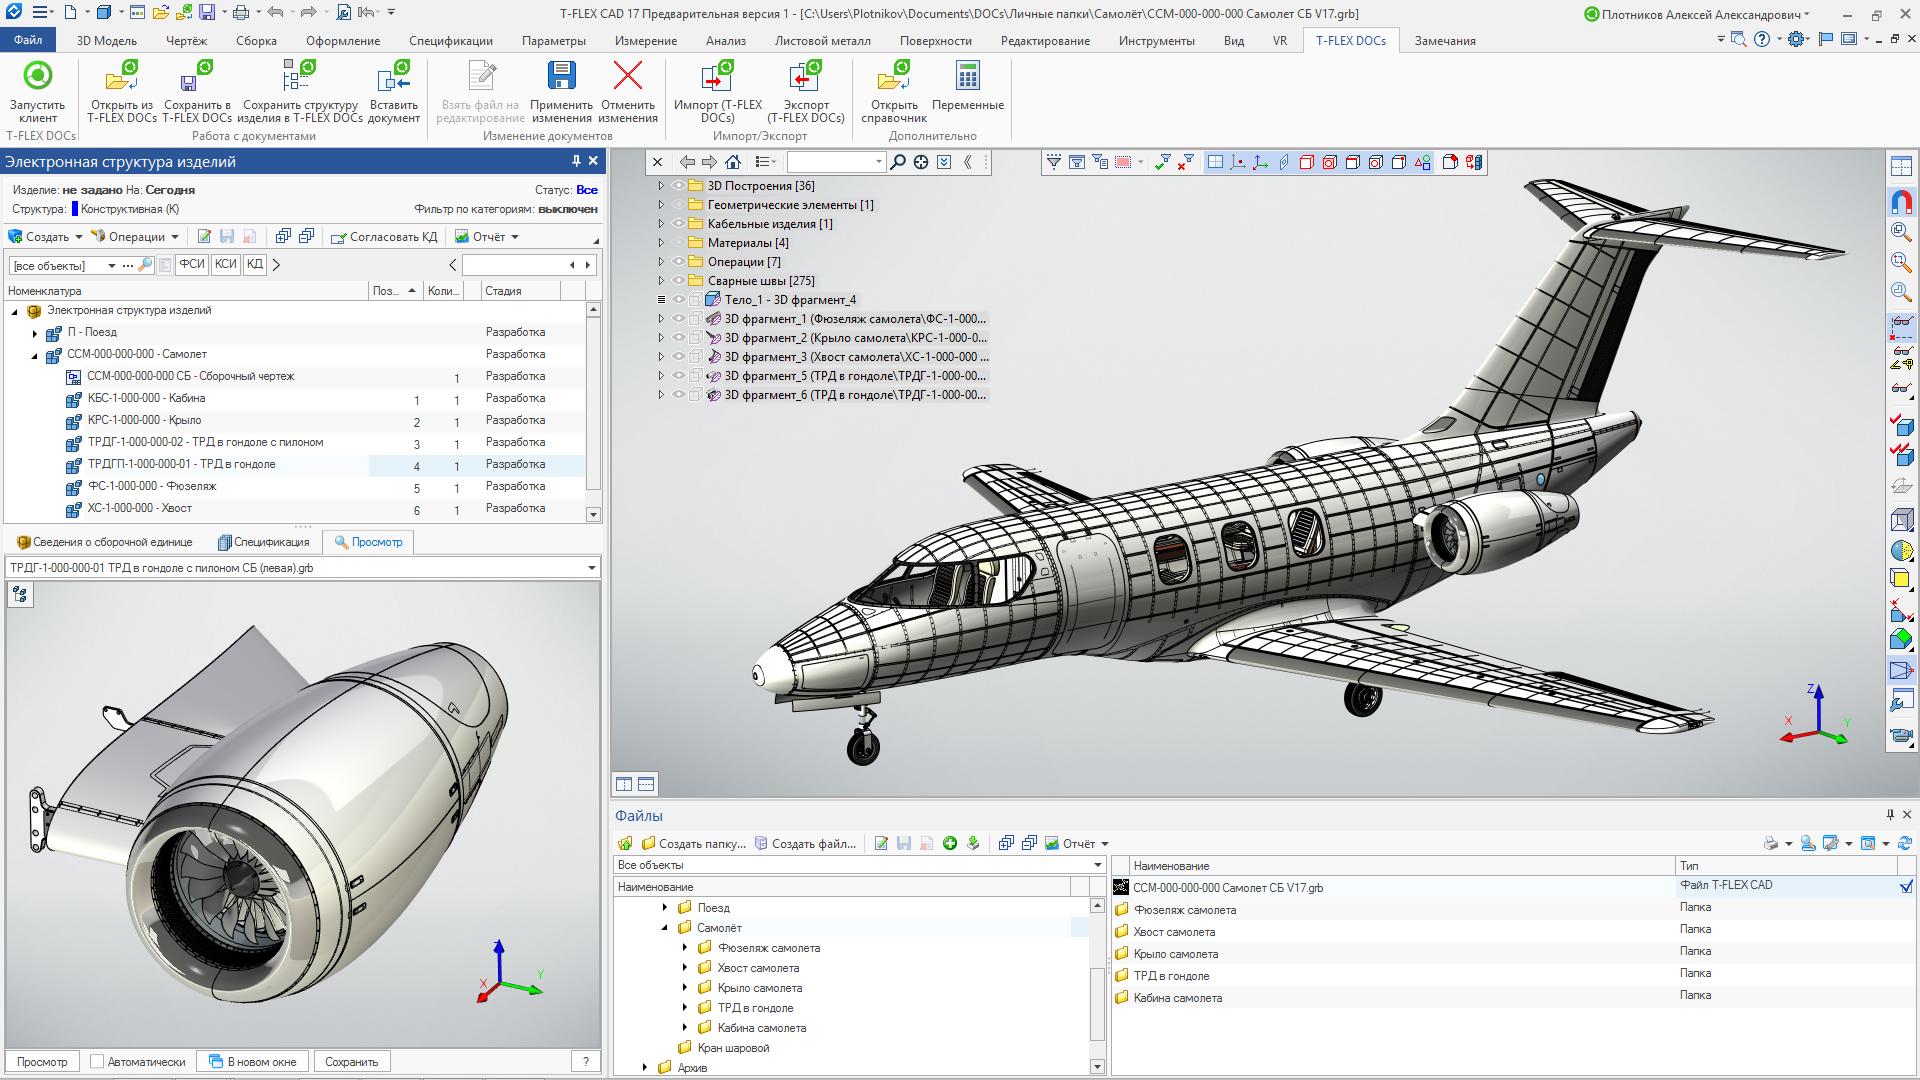 Коллективная работа в T-FLEX CAD 17 под управлением в T-FLEX DOCs 17